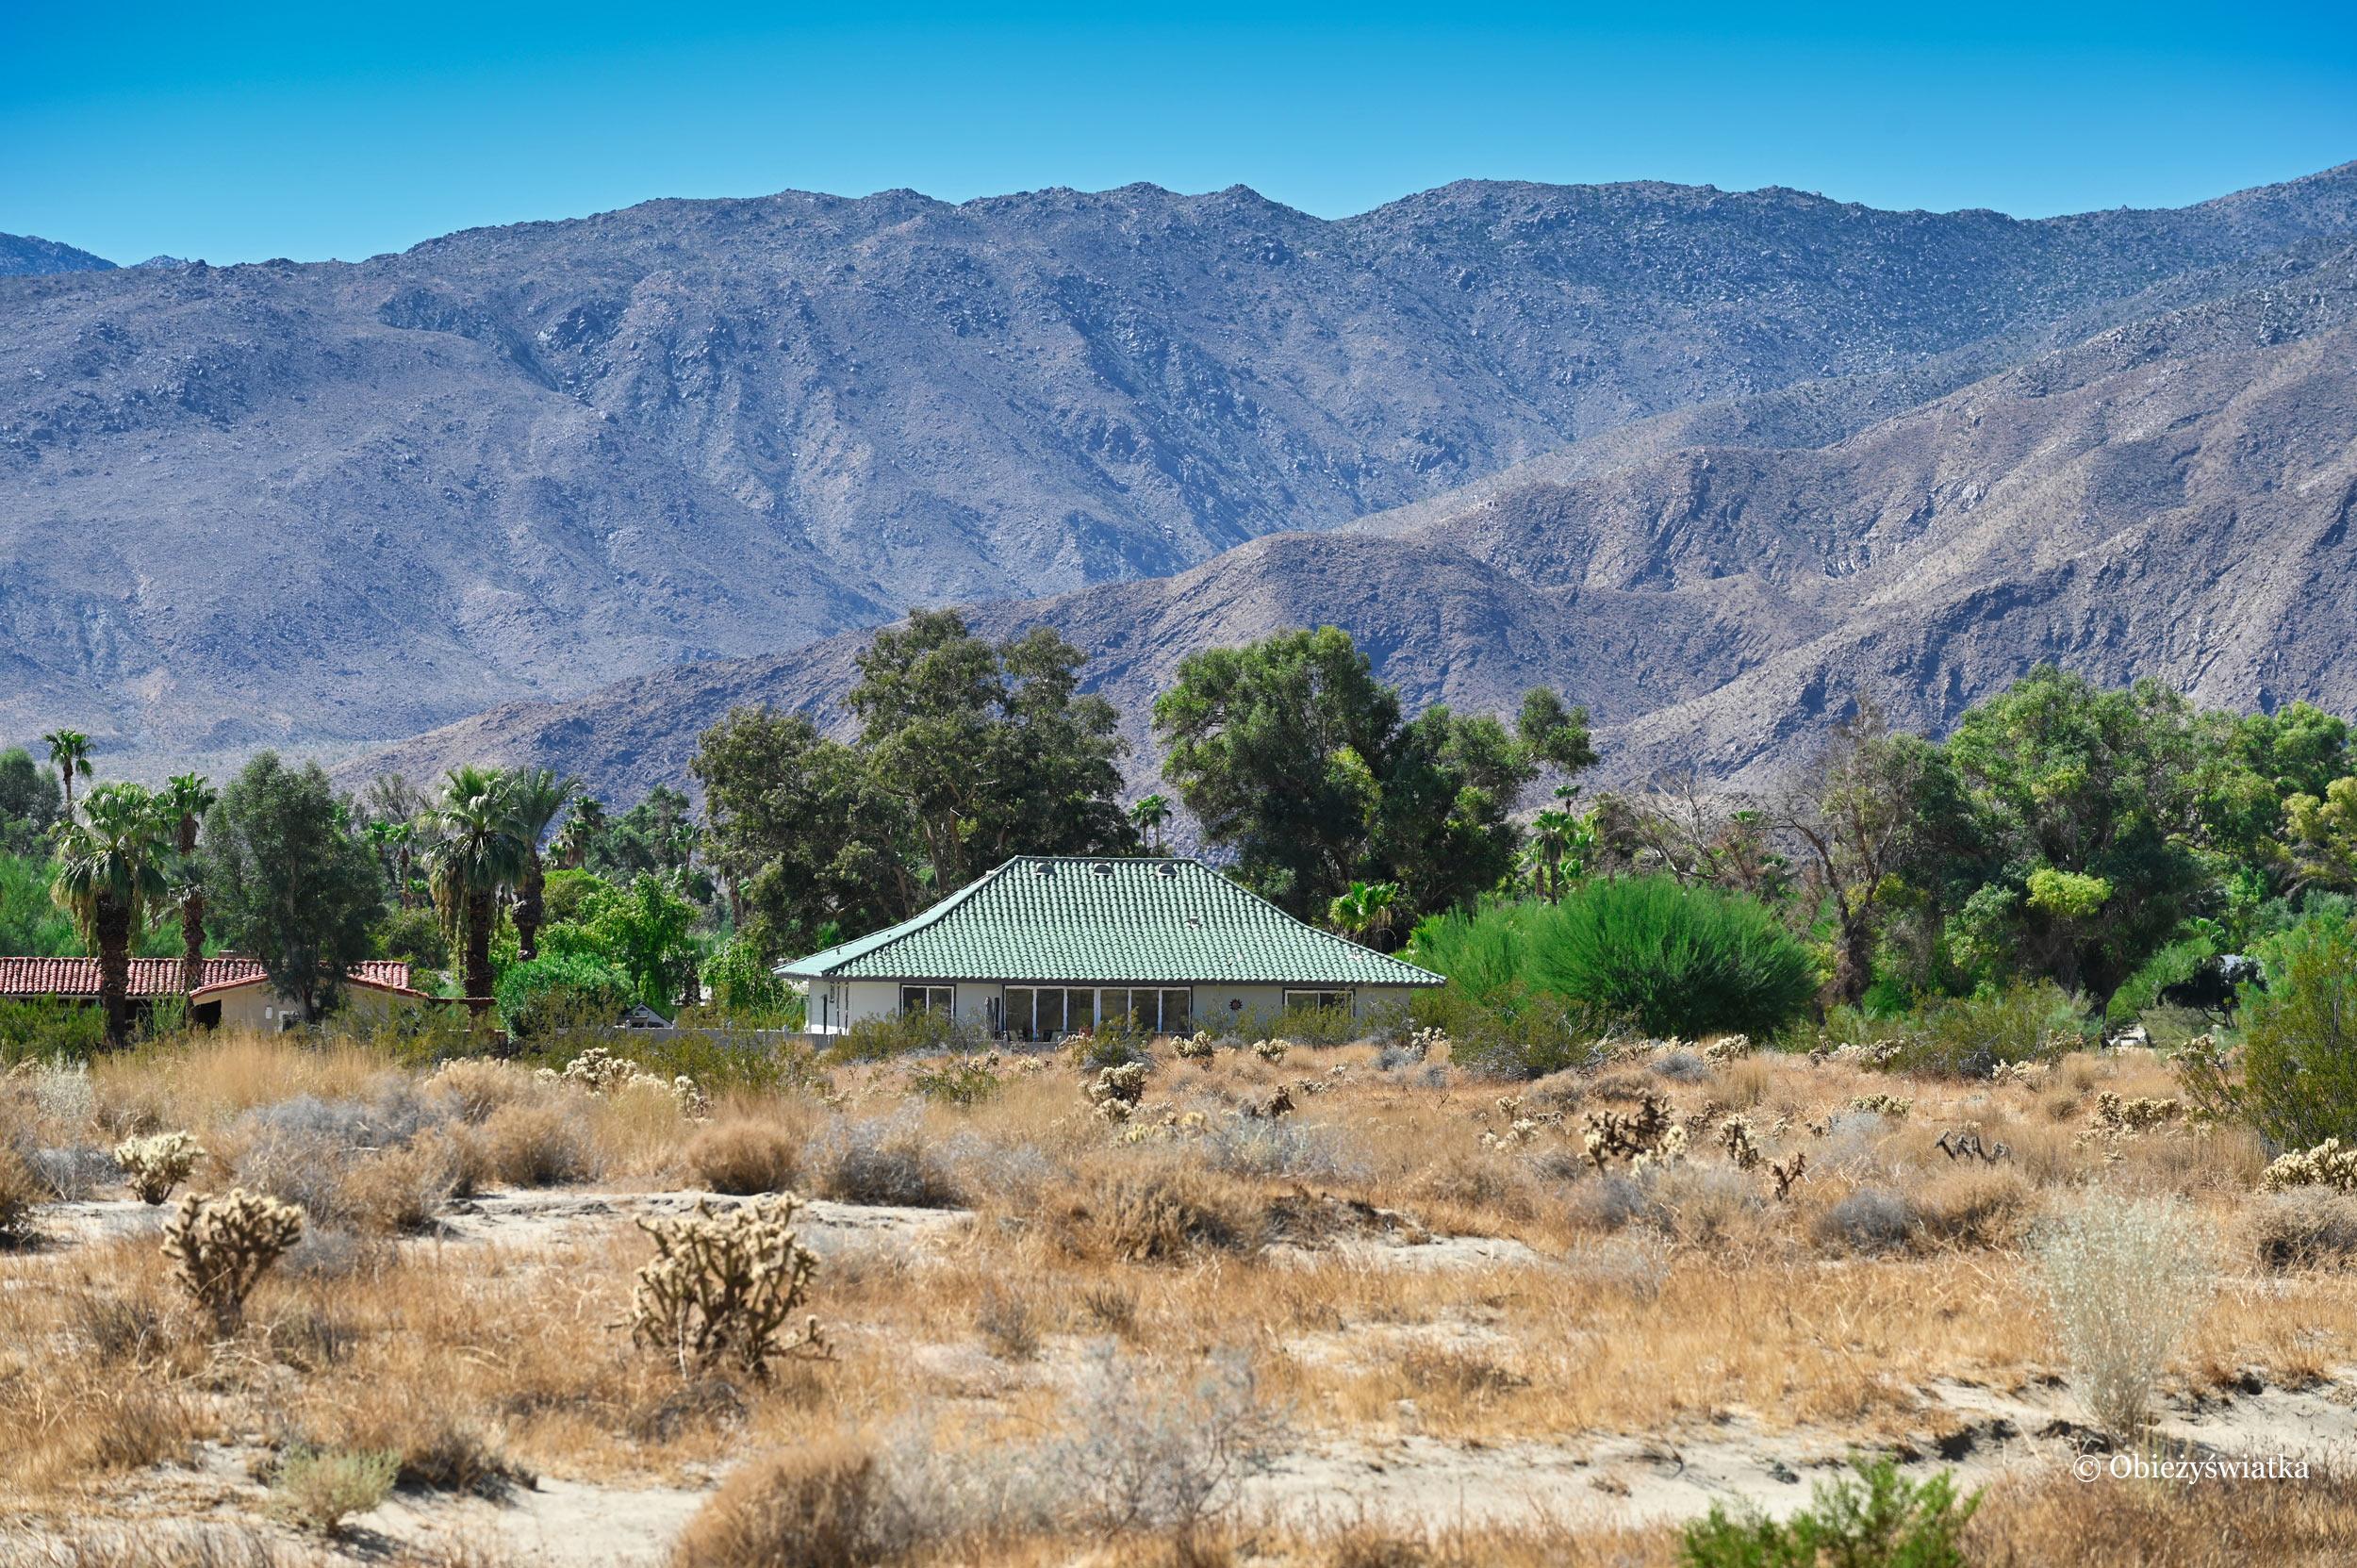 Jeden z domów w Borrego Springs